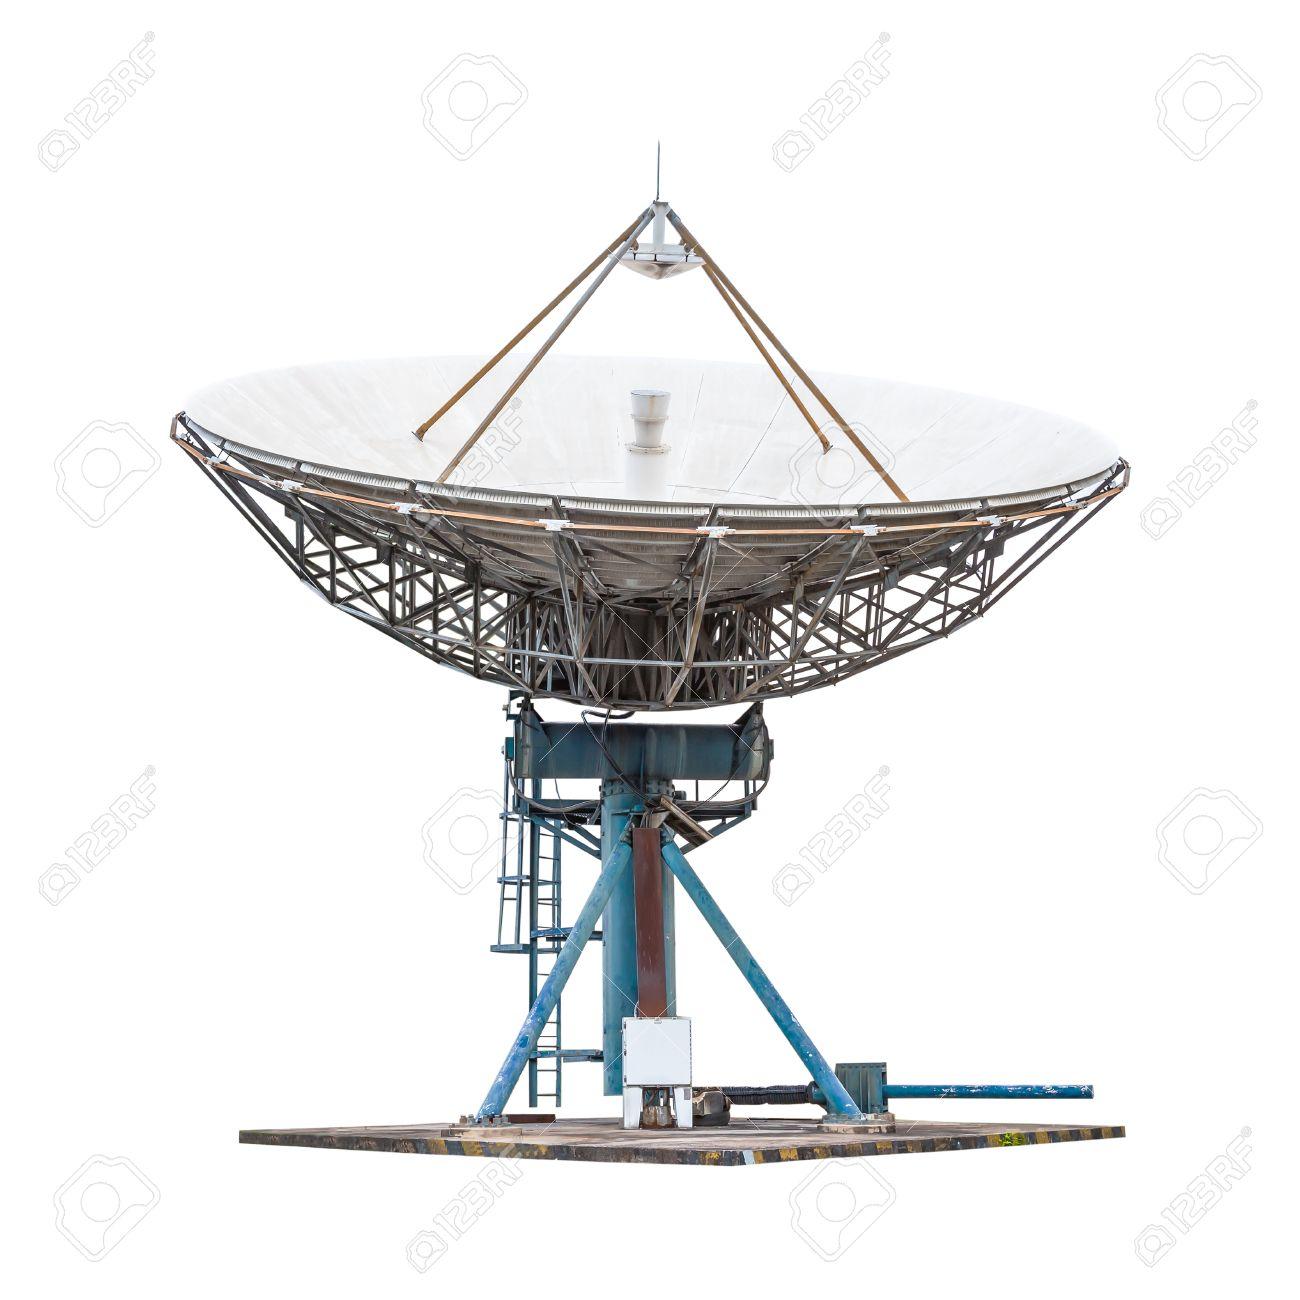 antenne parabolique antenne radar de grande taille isolé sur fond